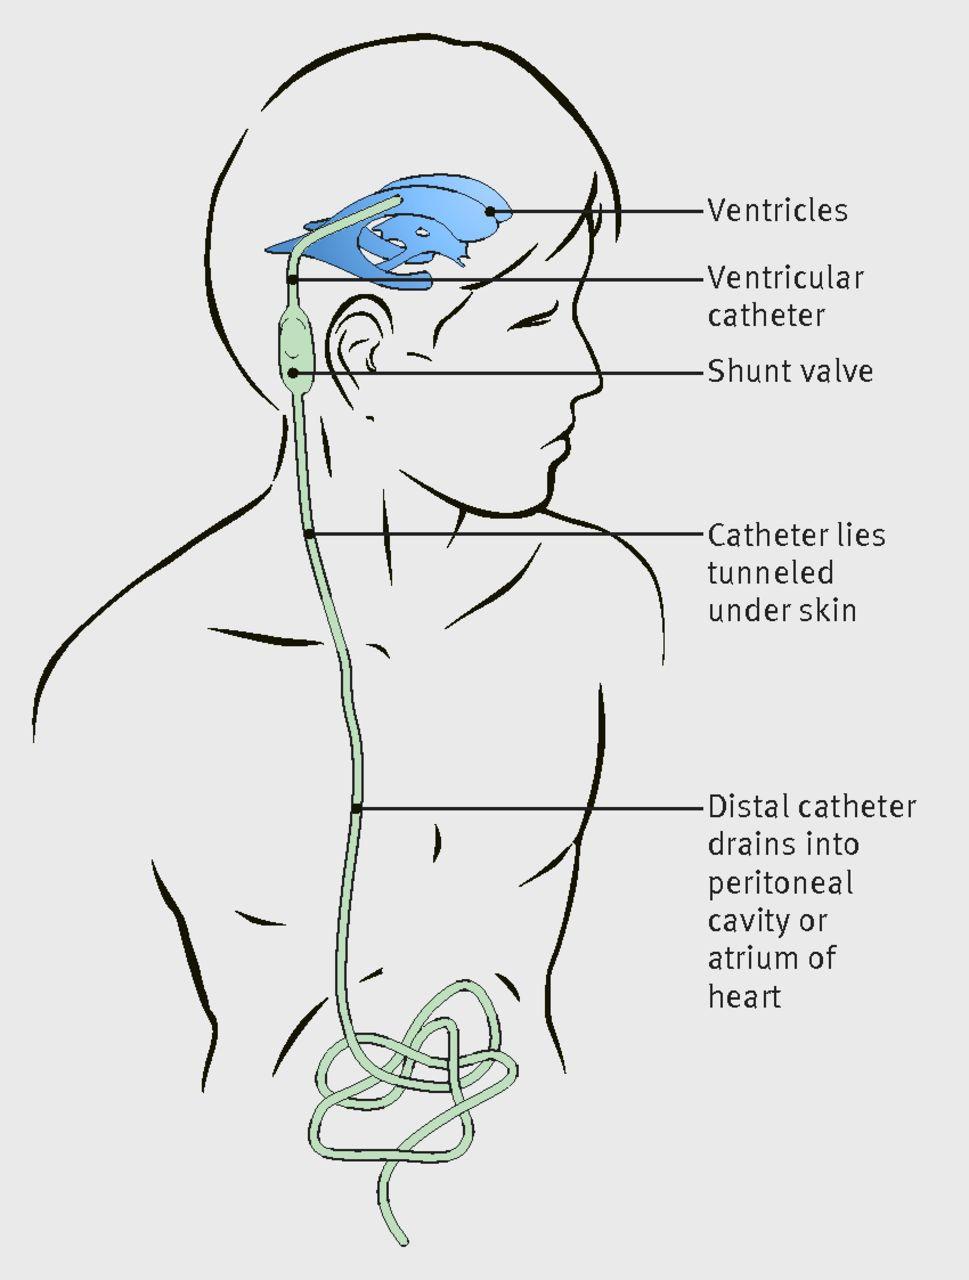 Kafatası içerisinde biriken sıvı miktarı fazlalaşınca hidrosefali görülür. Fazla sıvıyı dışarı atmak için kabaca beyinden sindirim yollarına giden cerrahi bir yol açılır.